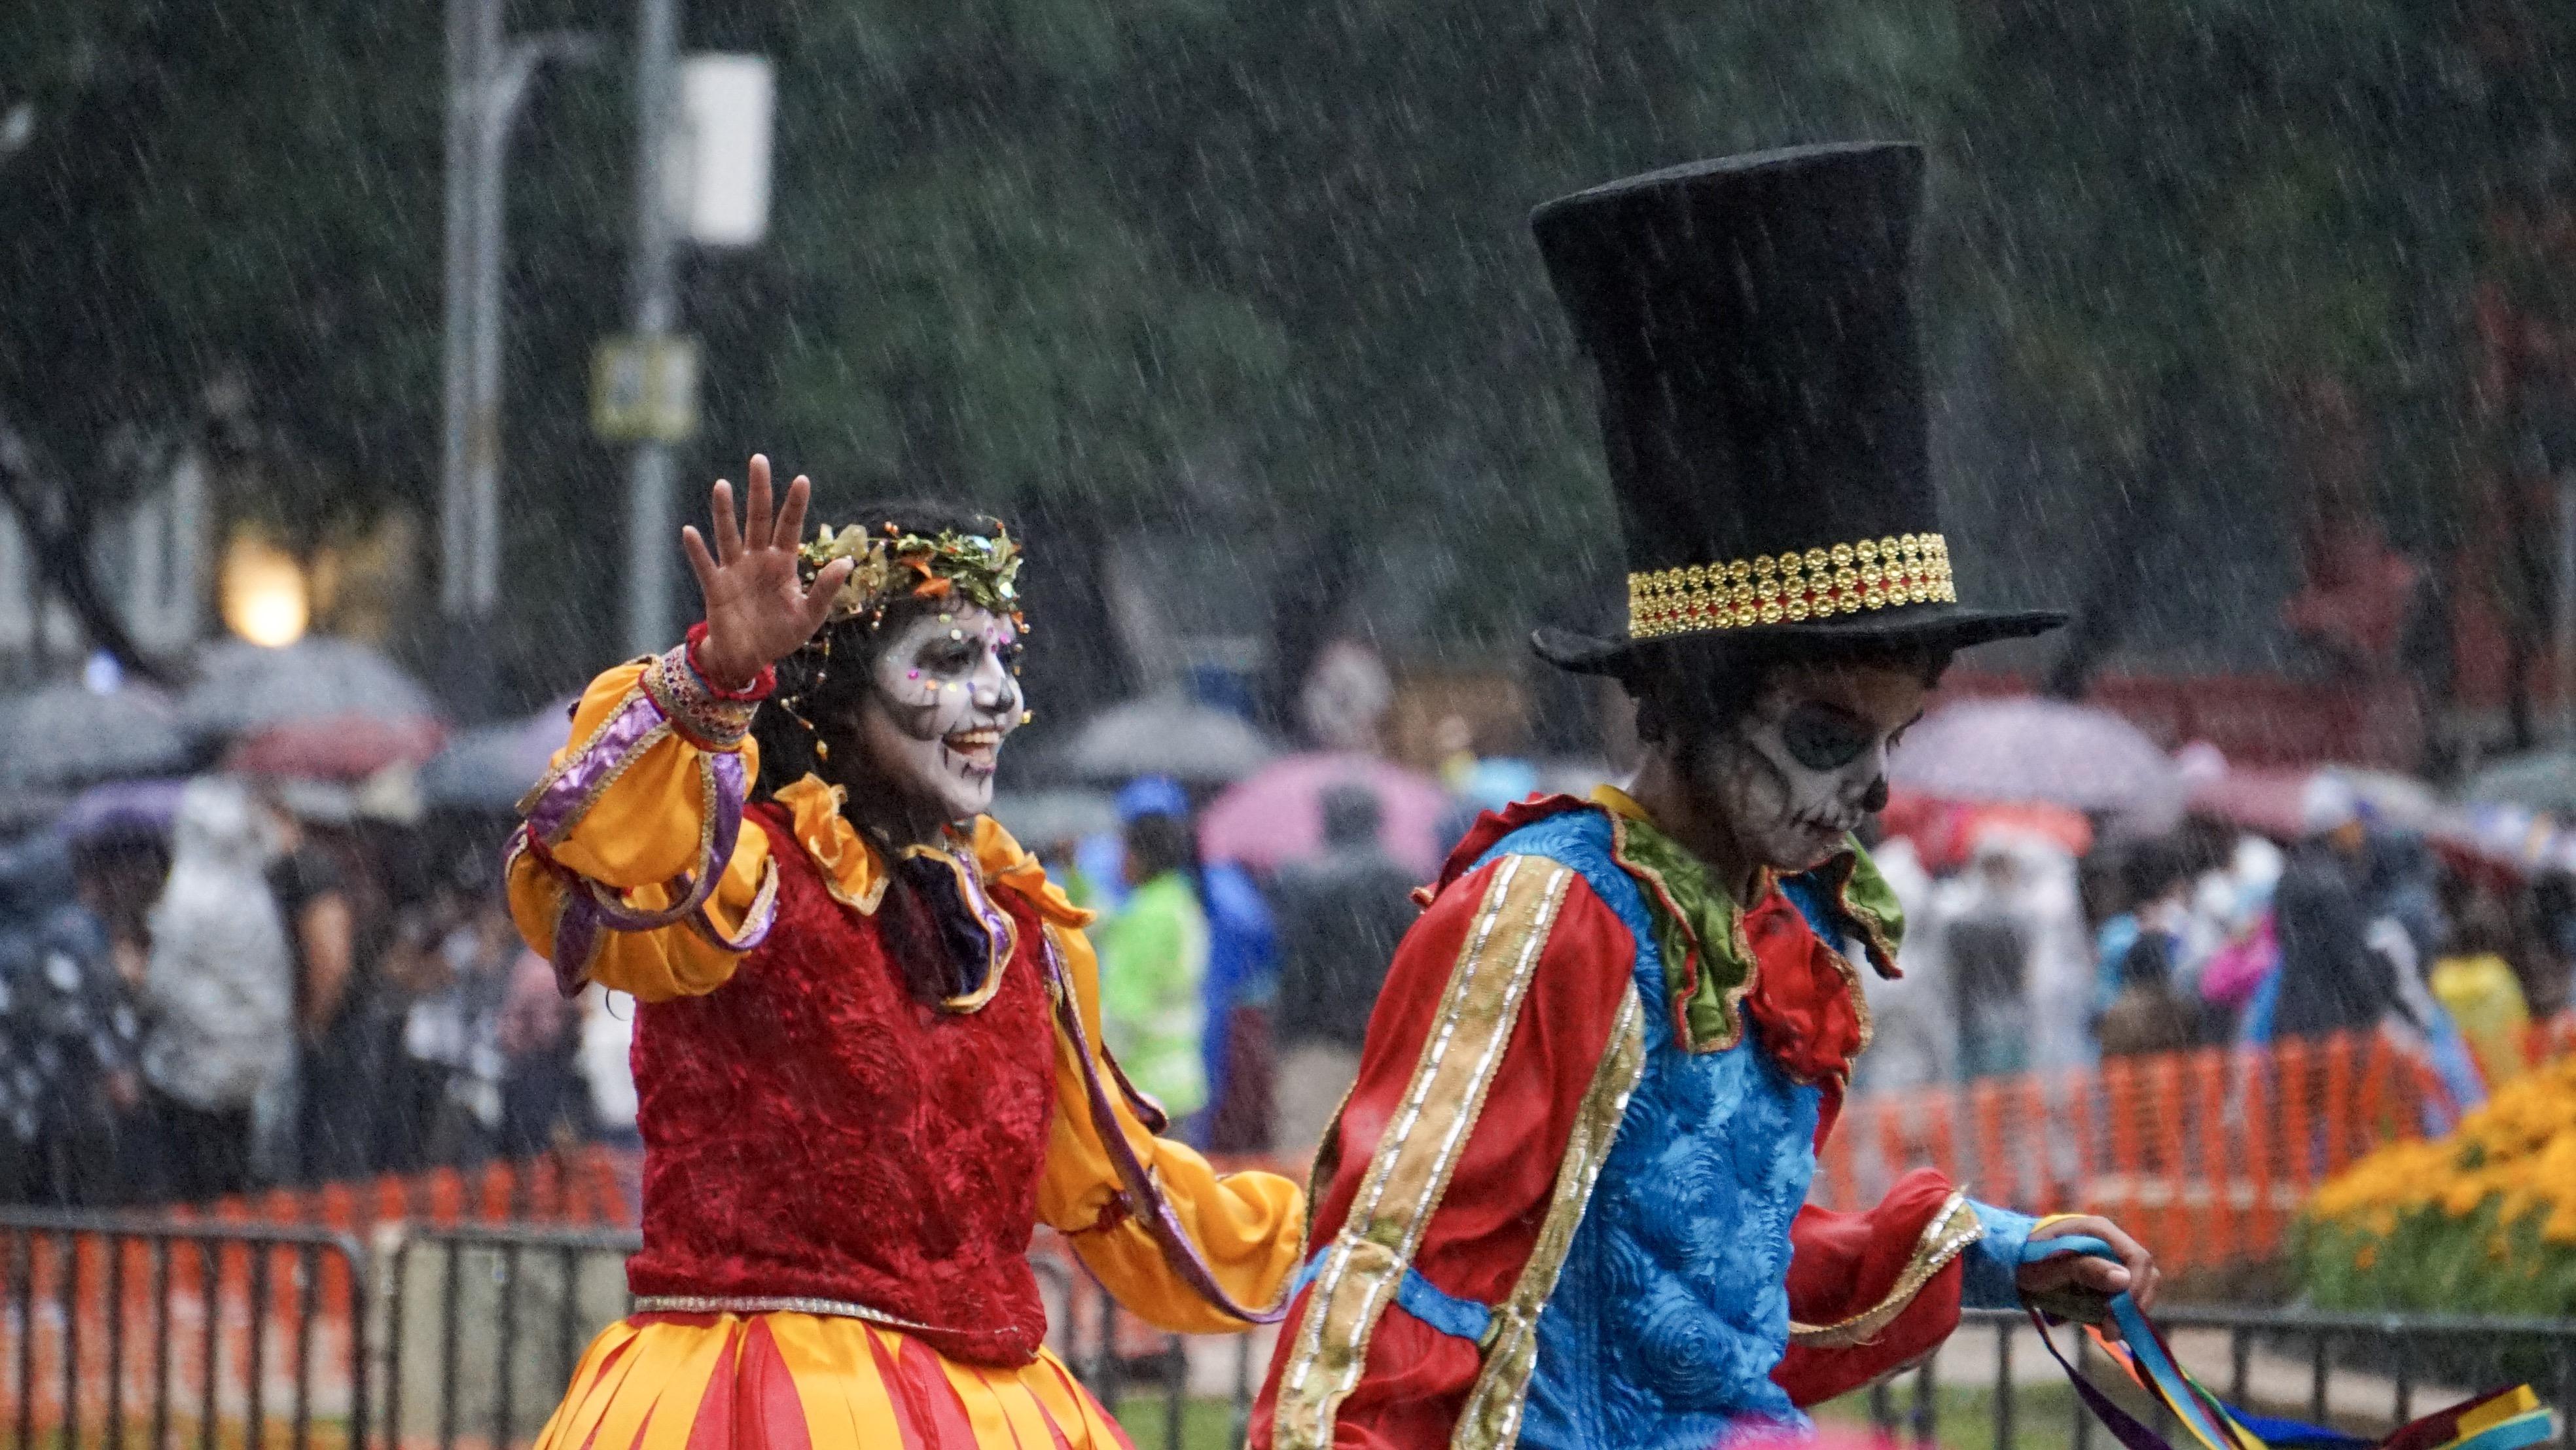 La lluvia aceleró el desfile, pero no logró que se cancelera ni que disminuyera el ánimo